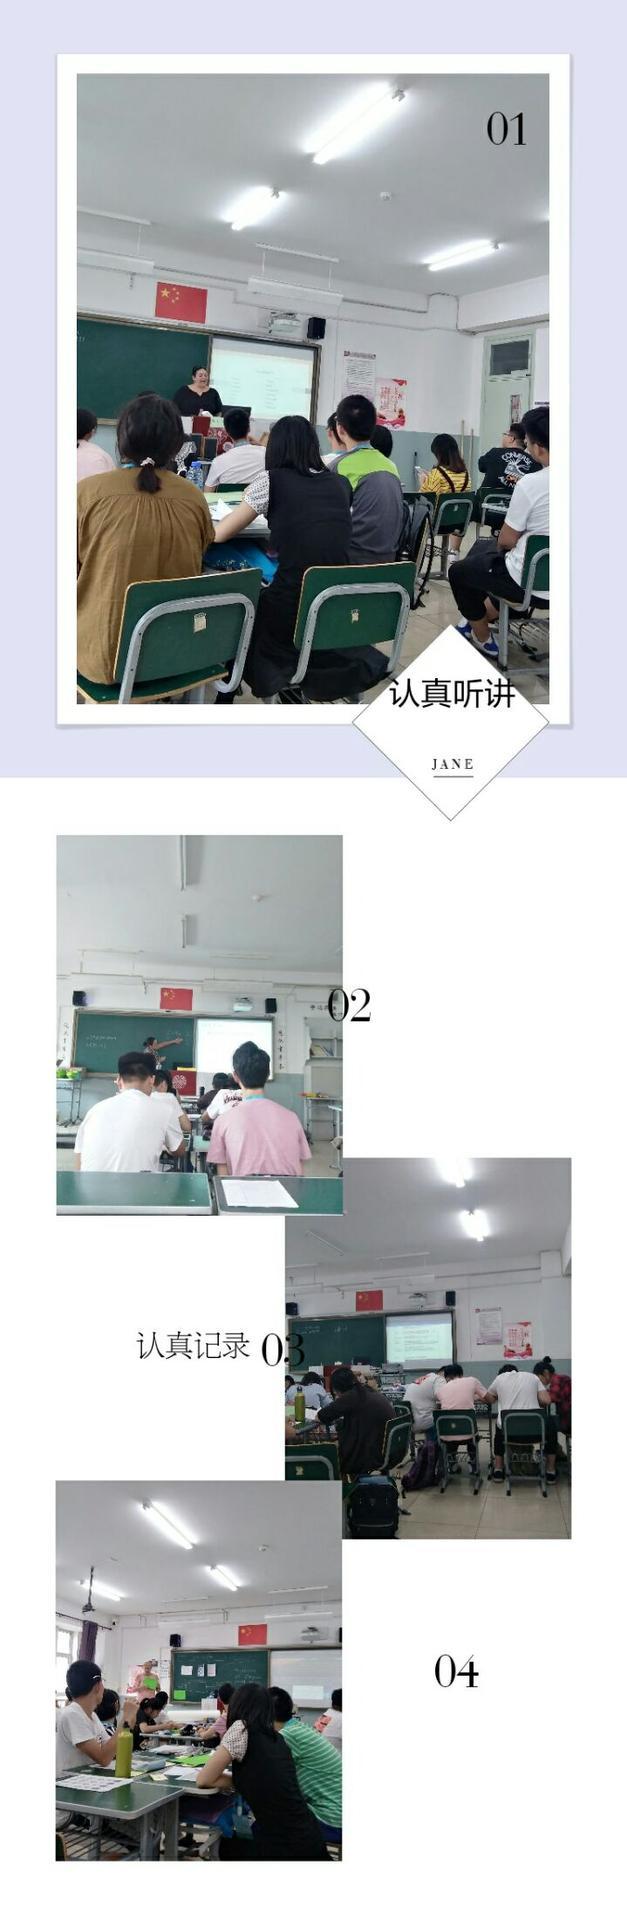 微信图片_20180721151528.jpg